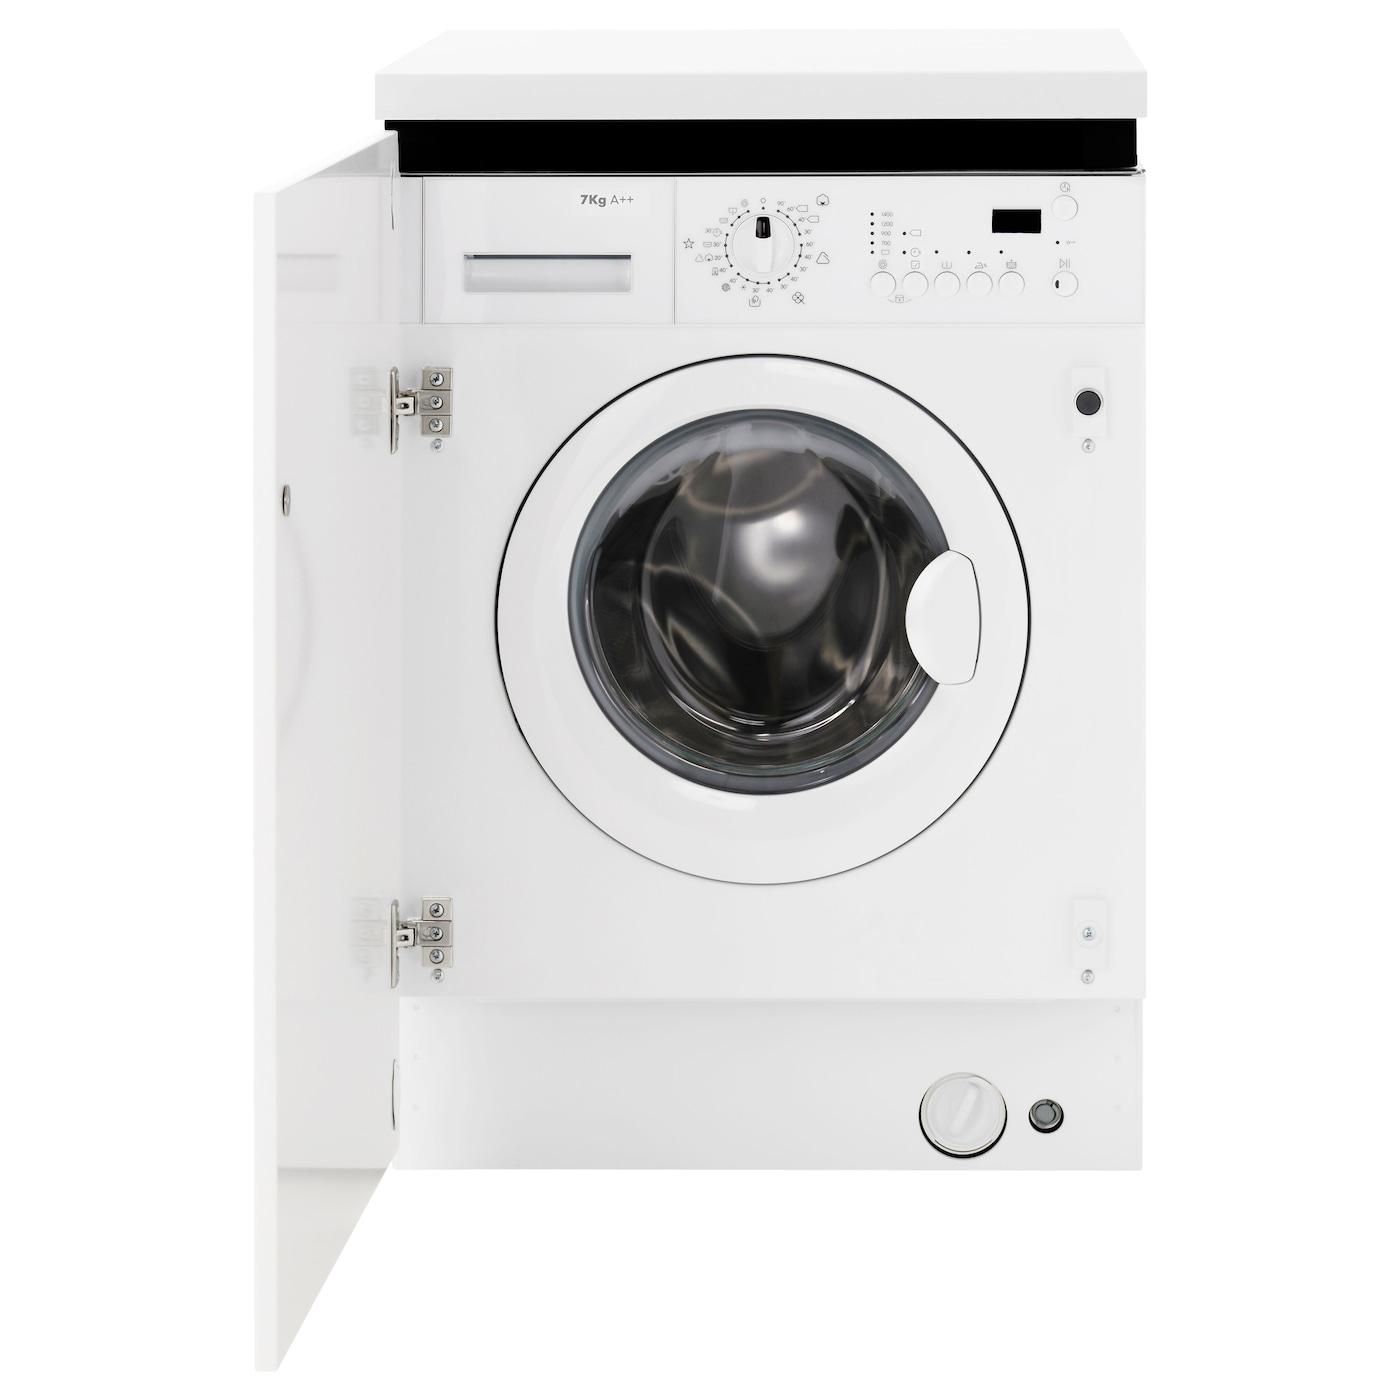 ikea waschmaschinen im test 2018 waschmaschine ratgeber. Black Bedroom Furniture Sets. Home Design Ideas